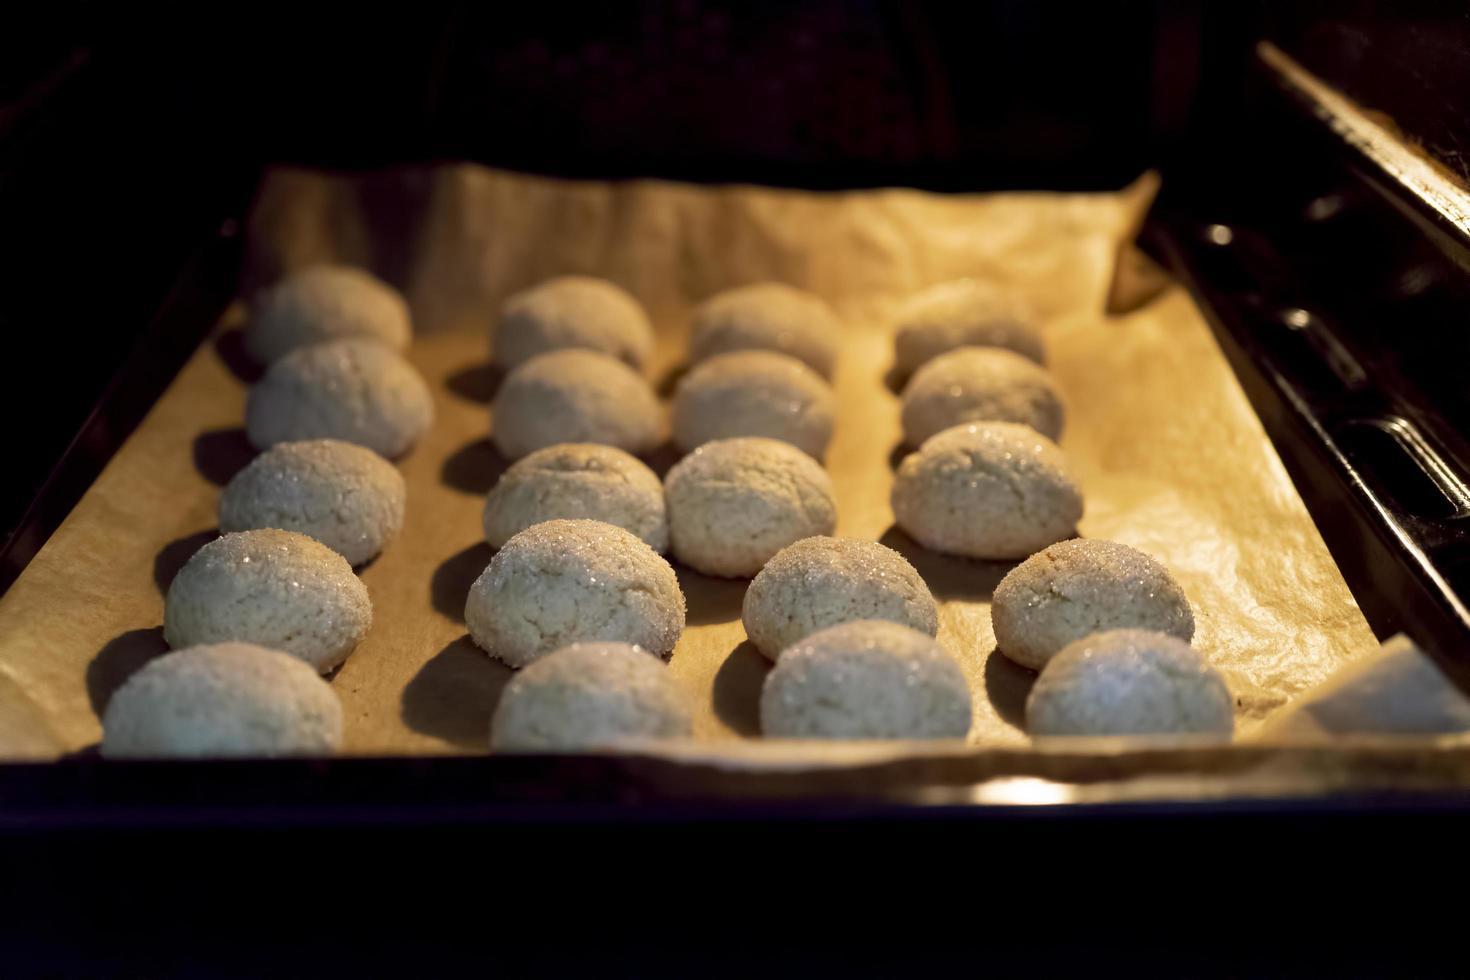 forno com biscoitos em uma assadeira no pergaminho. foto